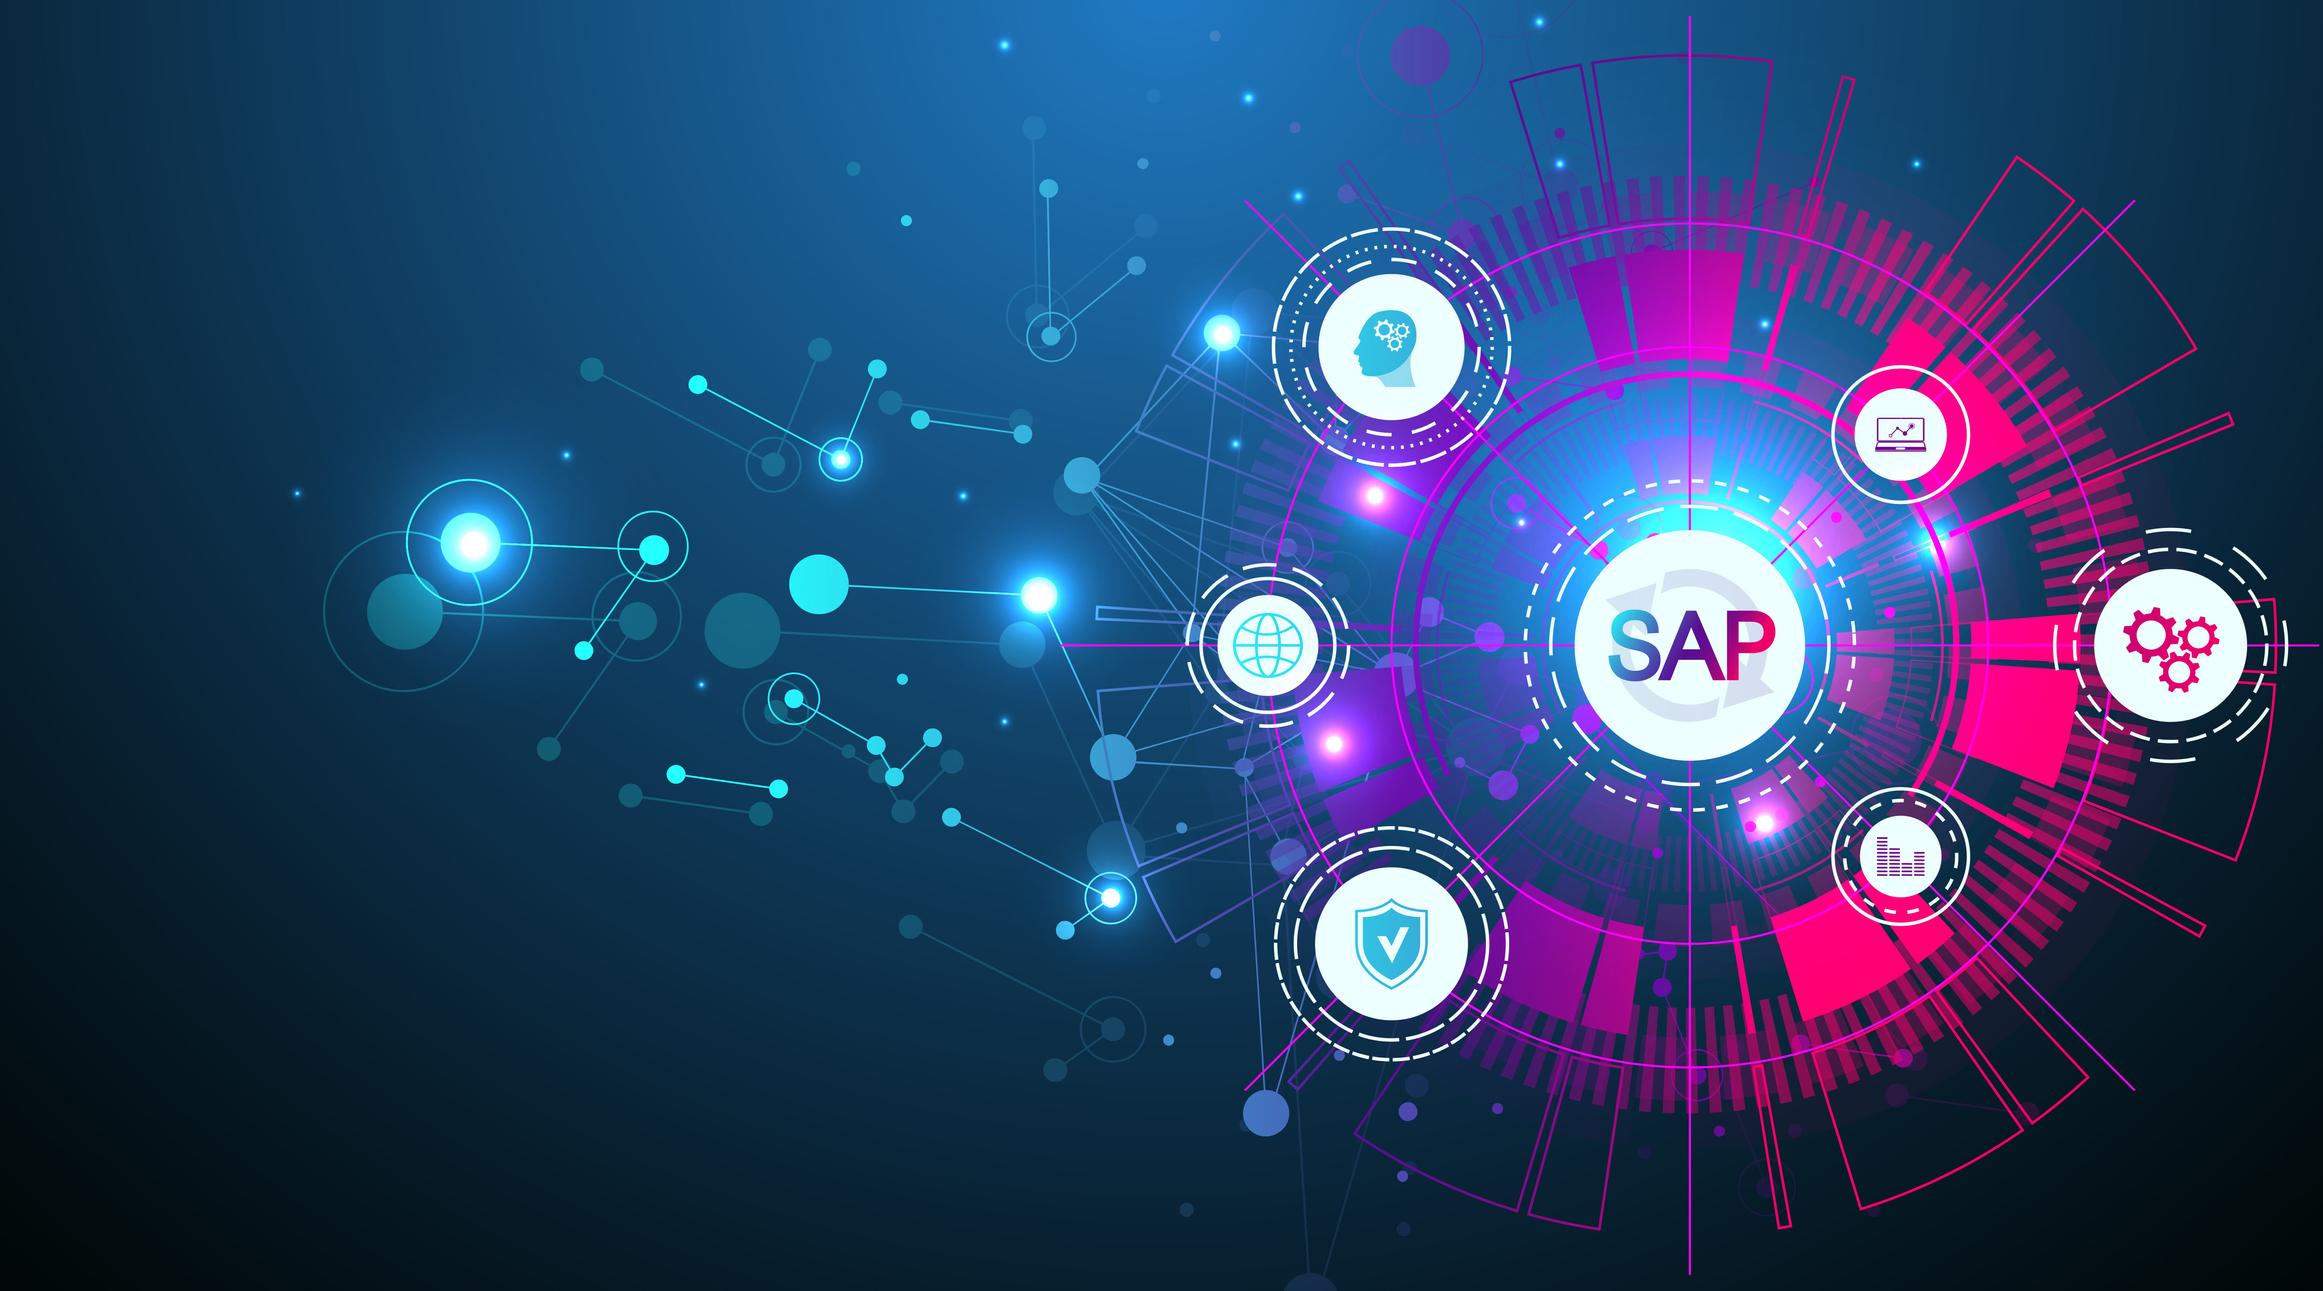 ¿Qué es SAP? Aprende para qué sirve, sus ventajas y mucho más